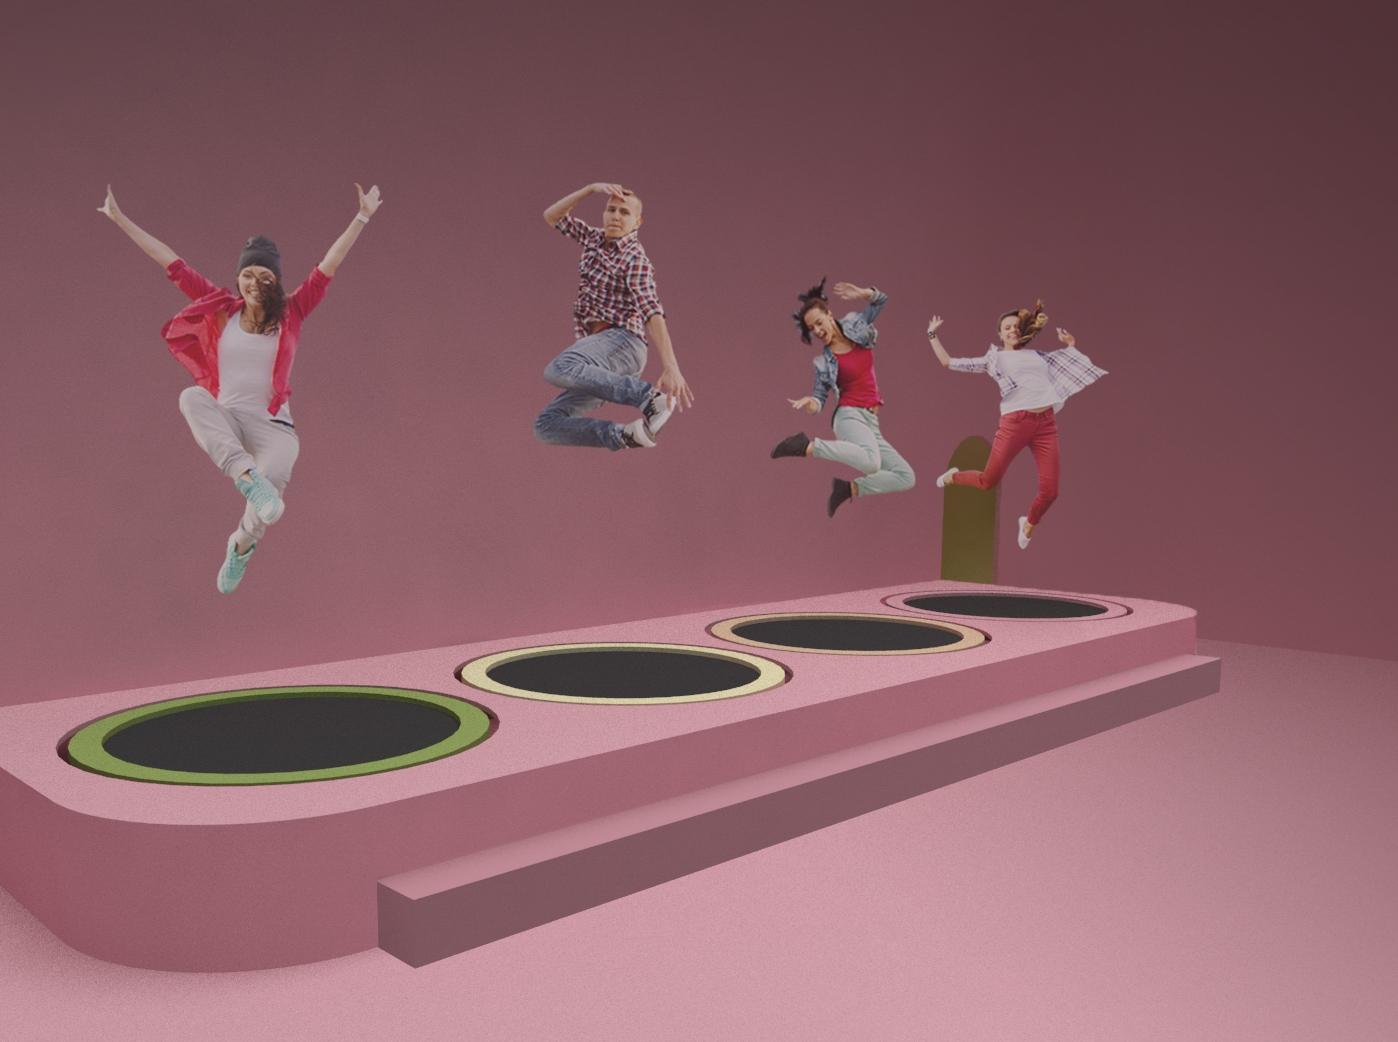 R4_trampolineB.jpg